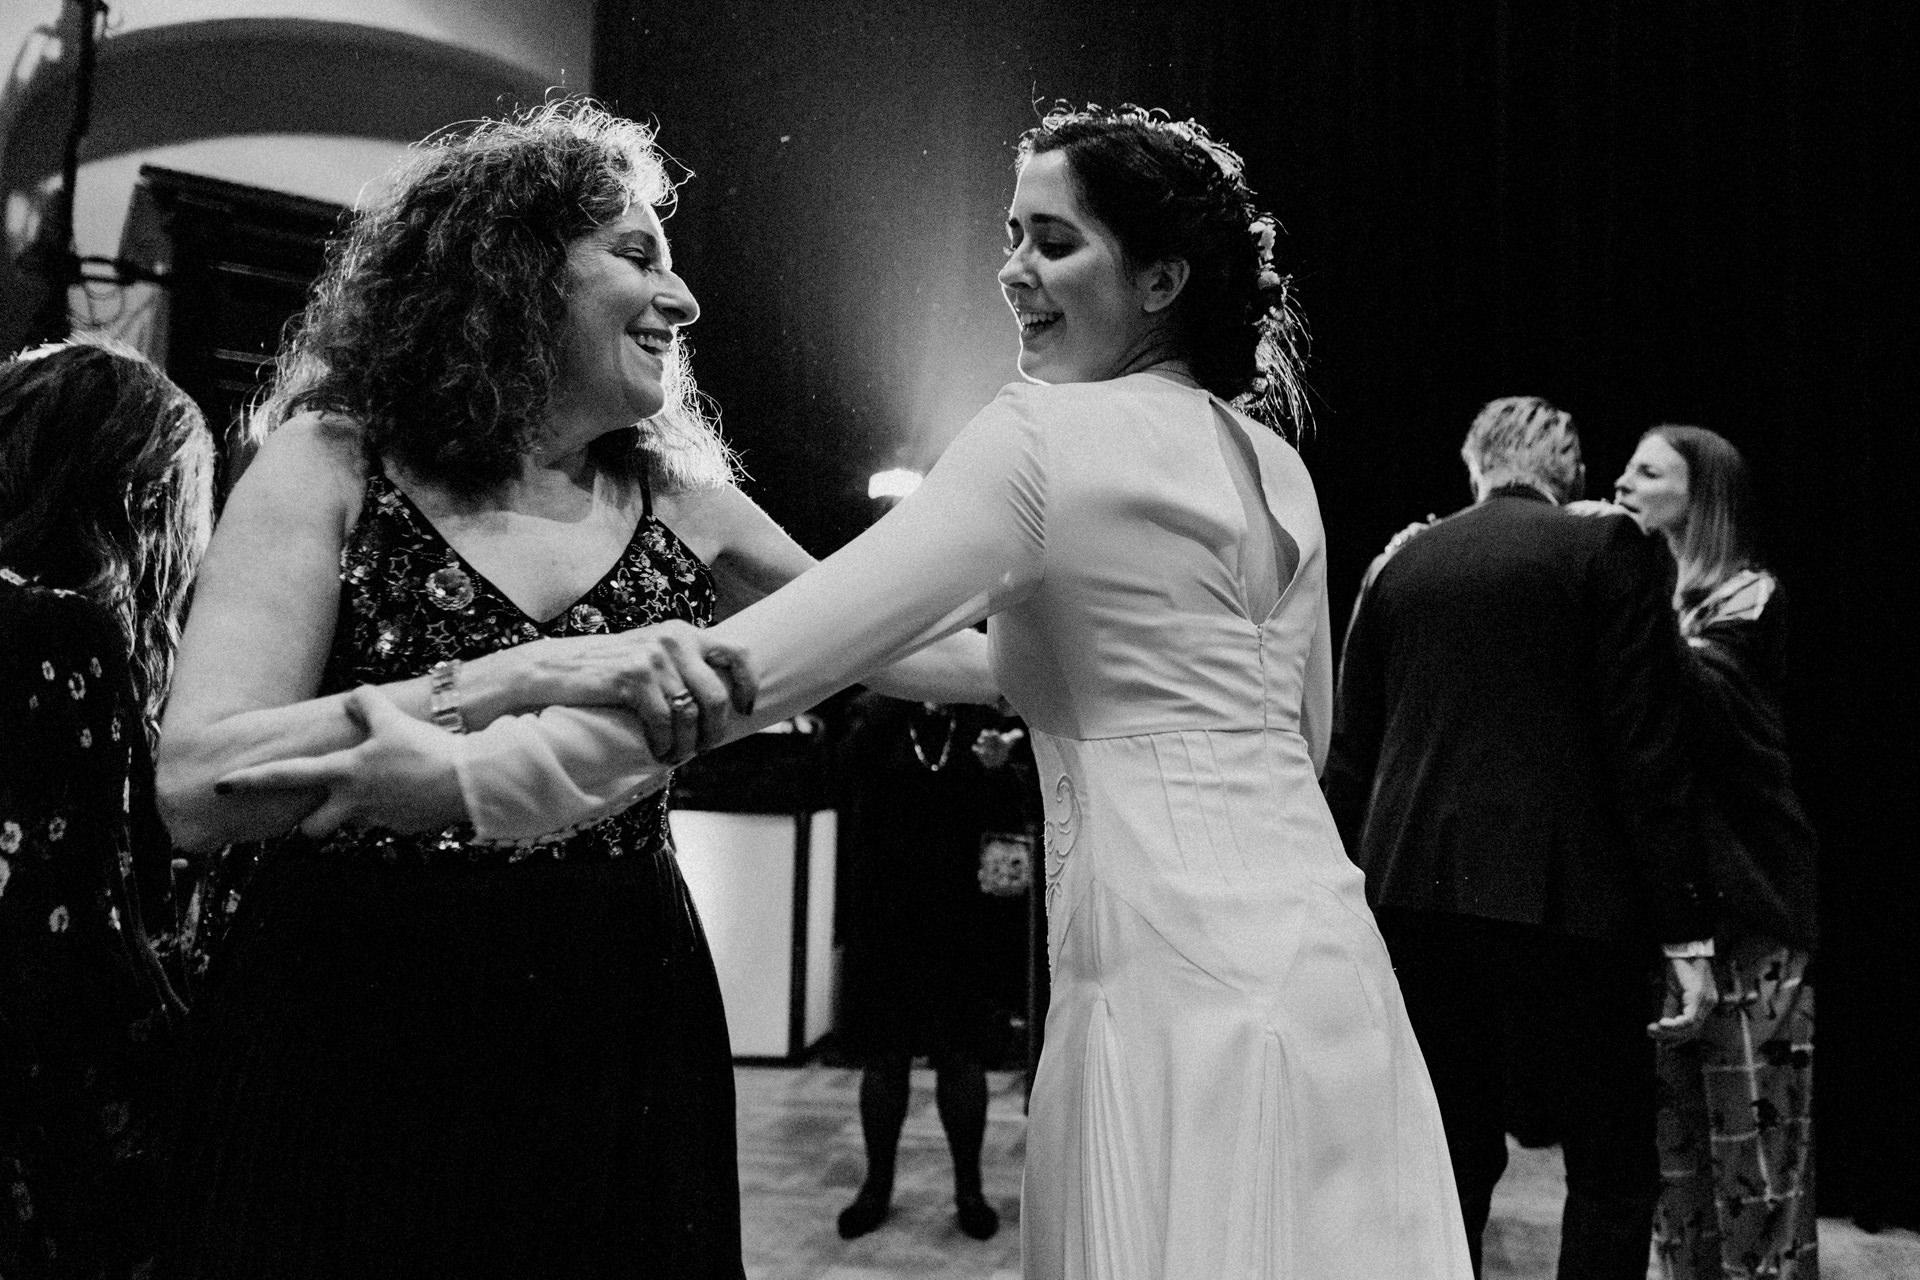 hochzeitsparty künstlerhaus münchen tanzen